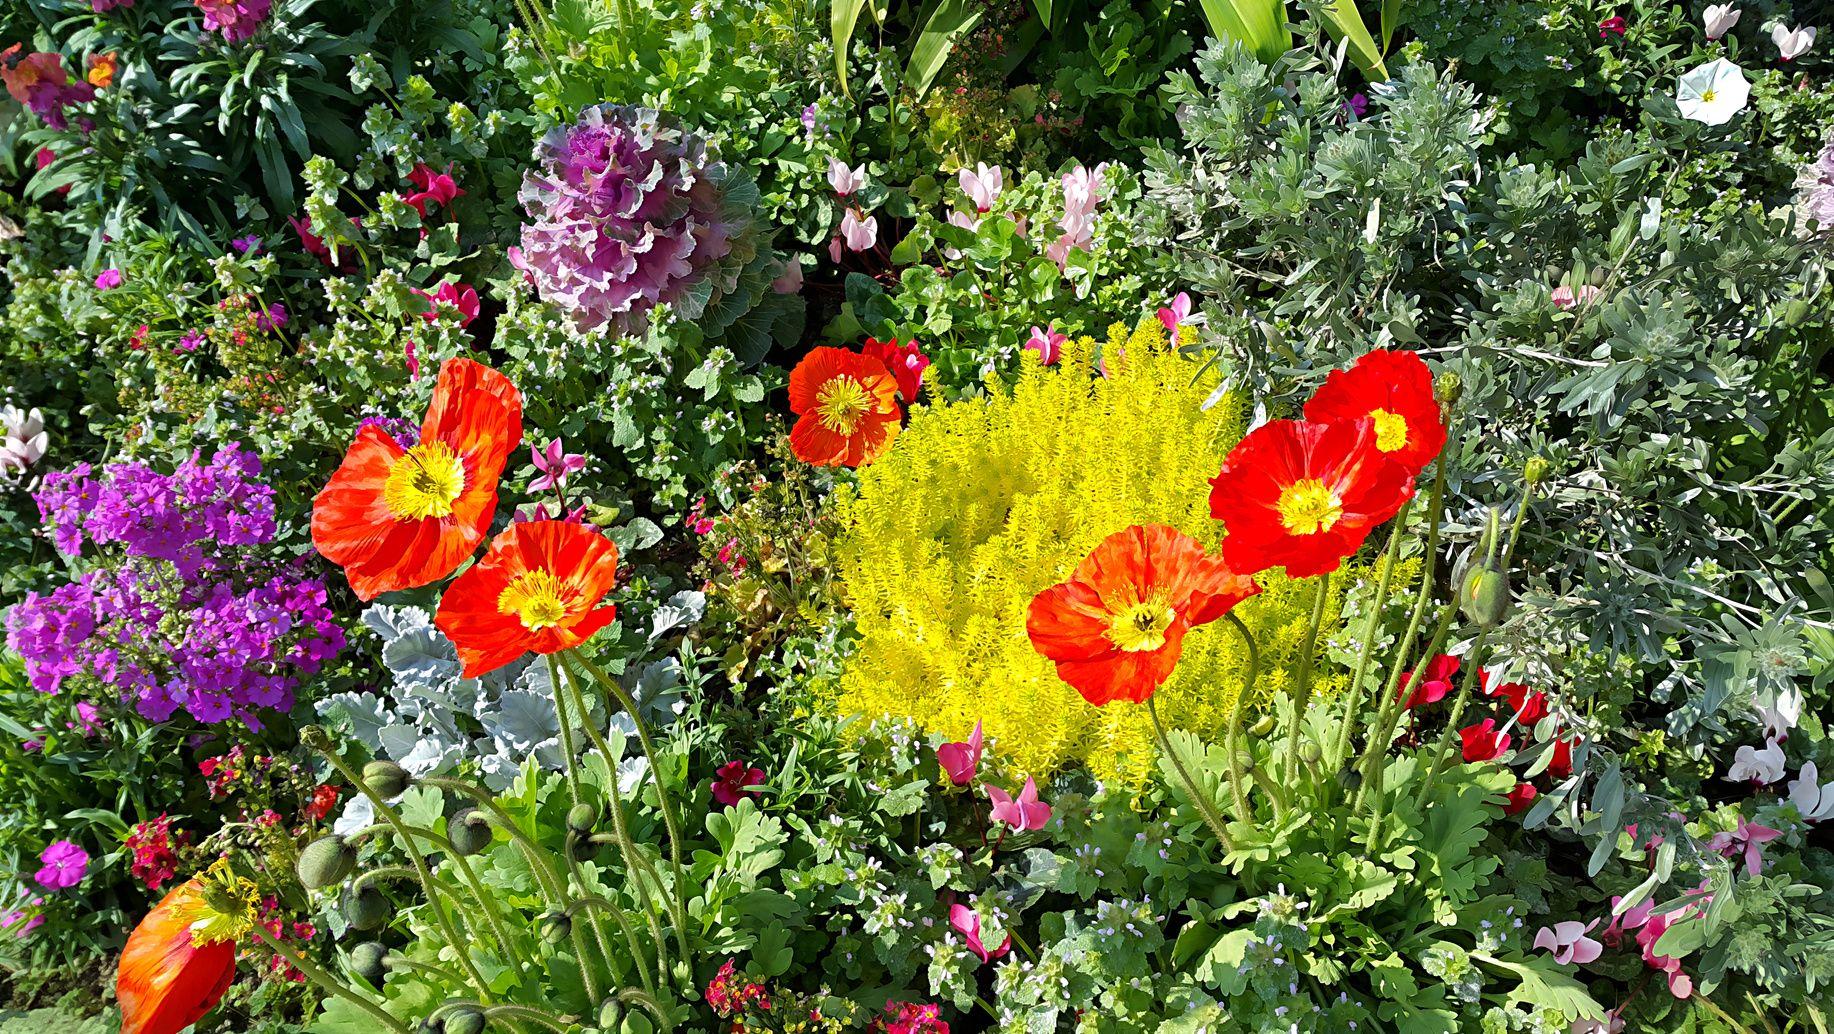 Idee De Plantation Pour Parterre comment créer des massifs fleuris et colorés pour pas cher?